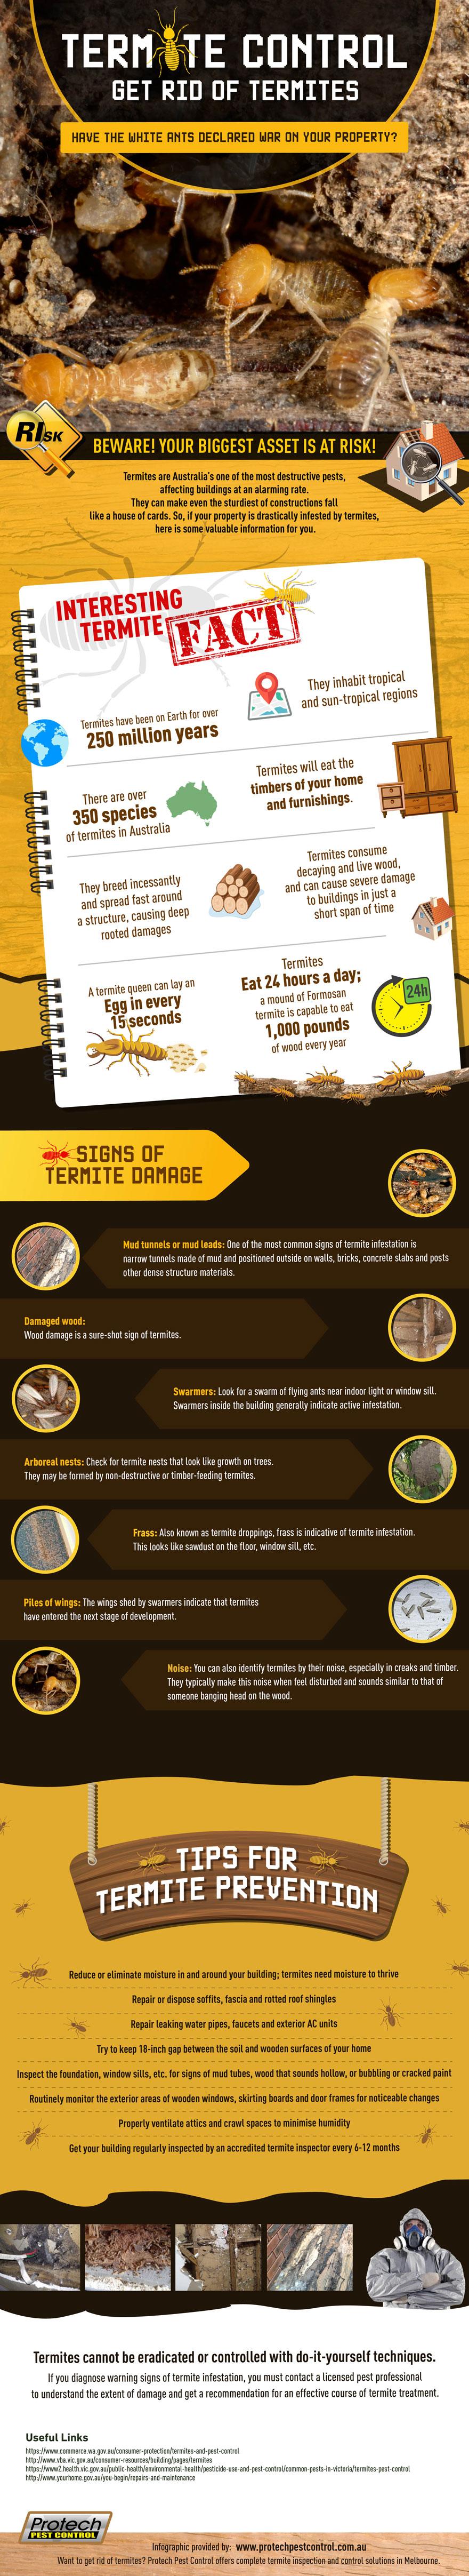 Termite Control: Get Rid of Termites